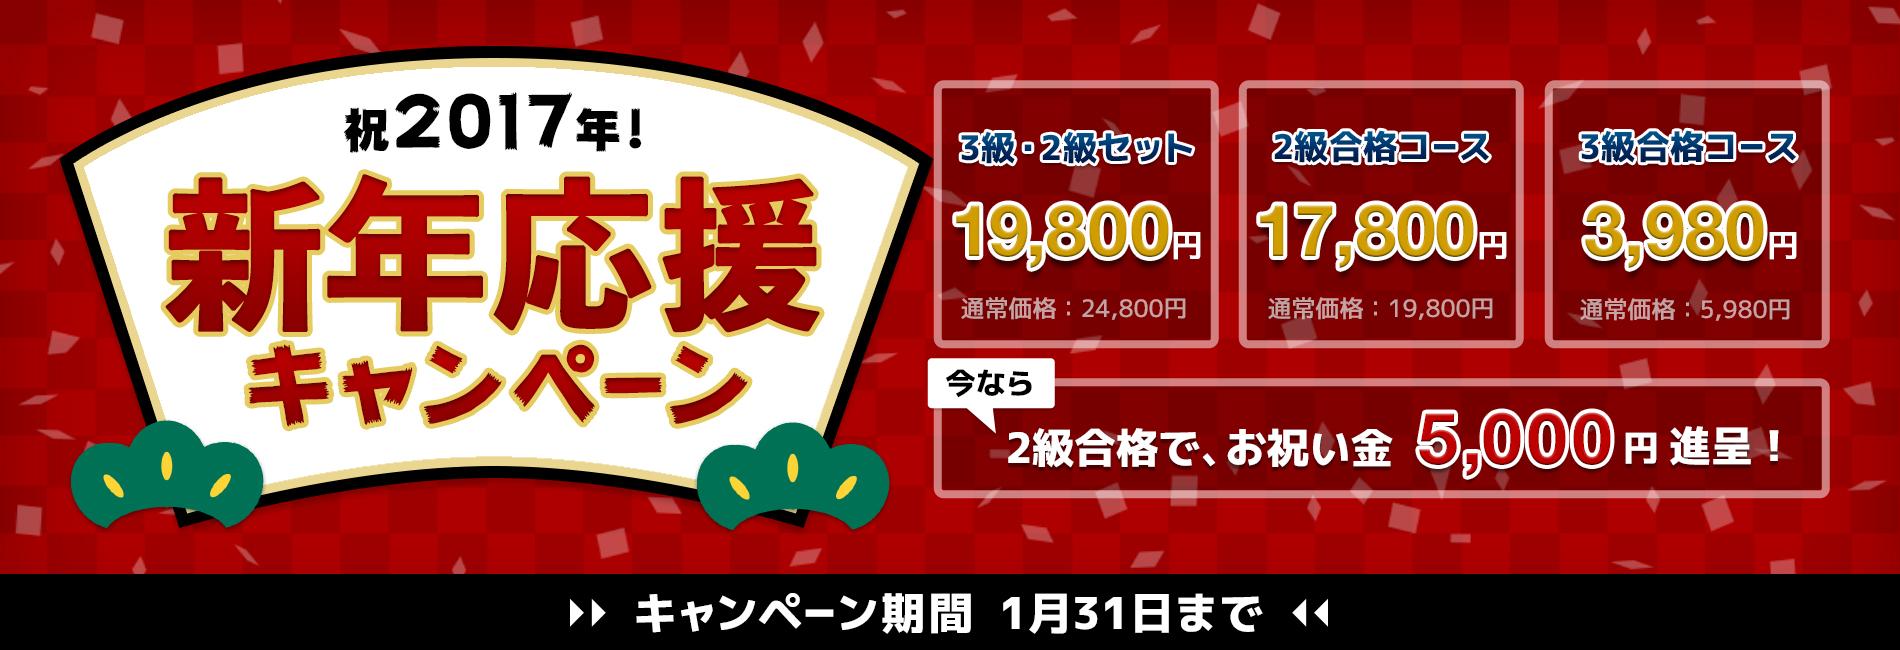 ビジネス実務法務検定試験® 新年応援キャンペーン